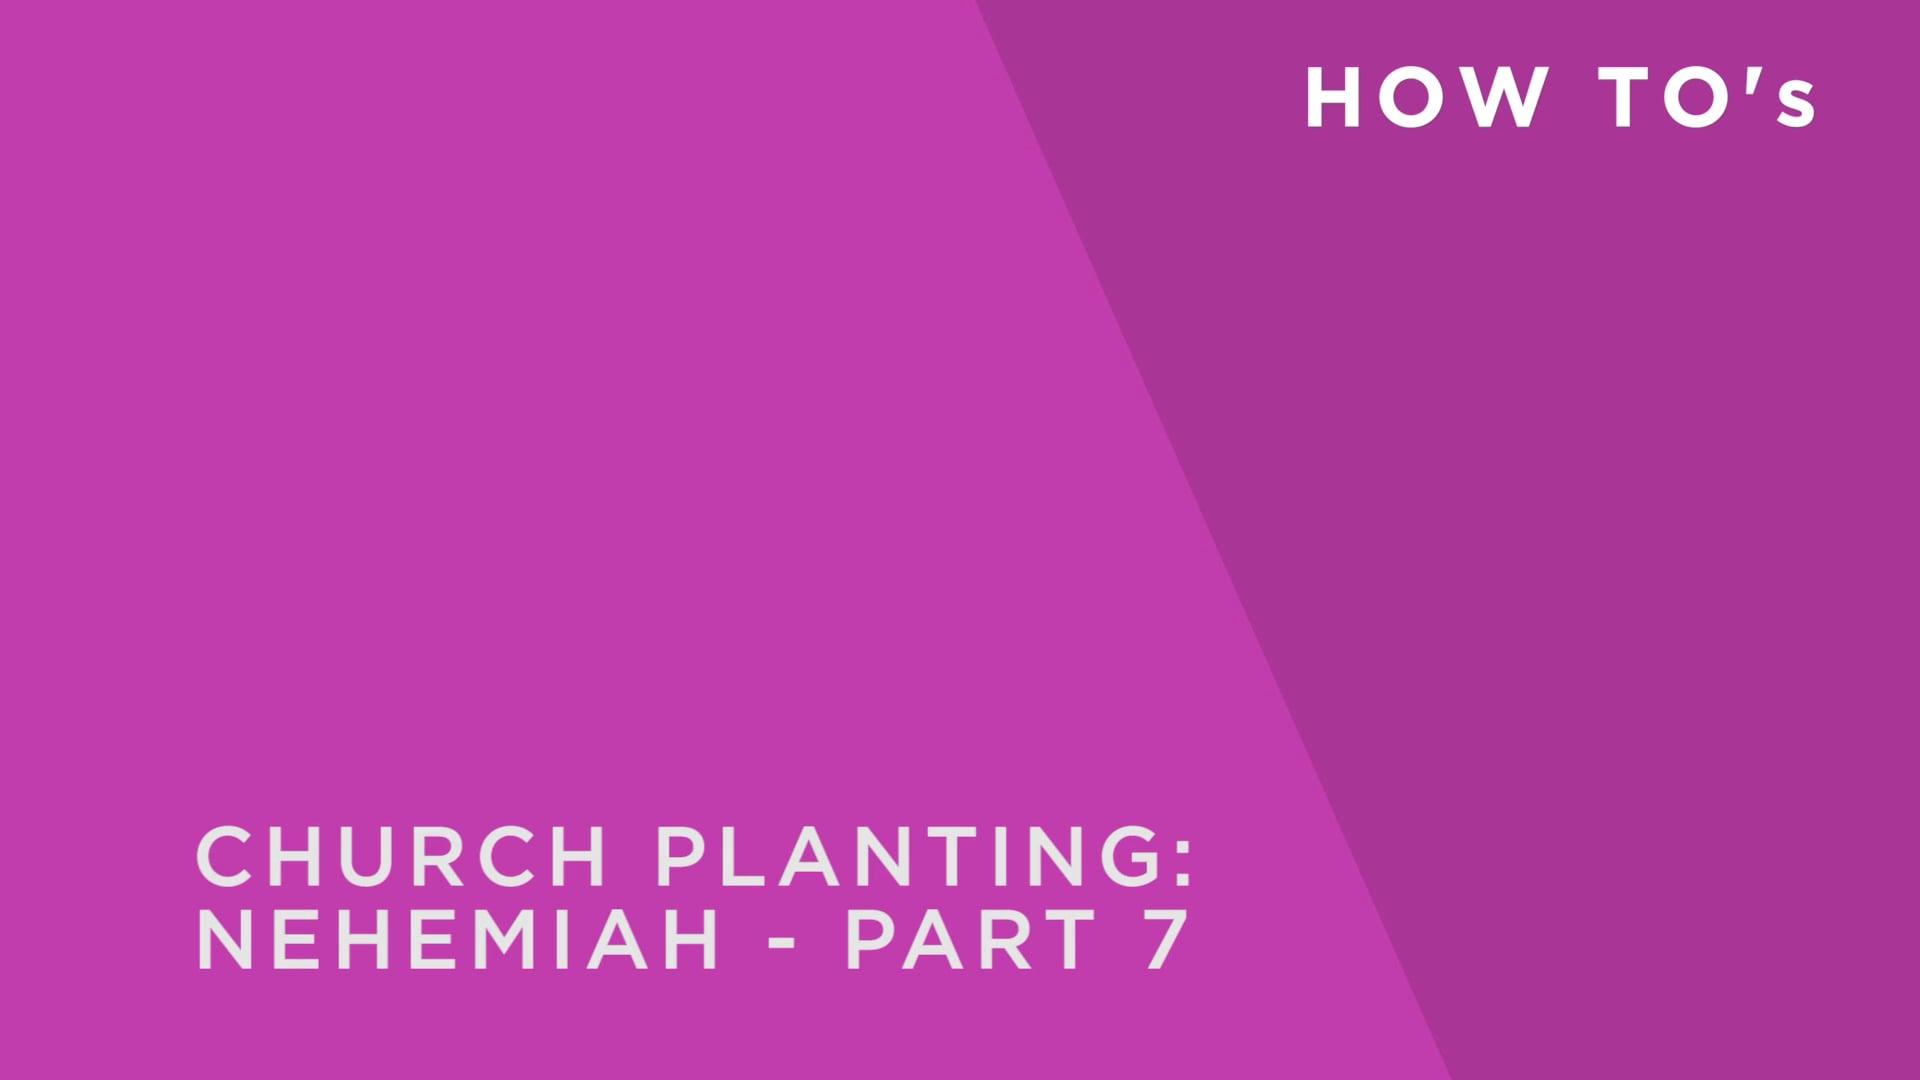 Church Planting: Nehemiah 7